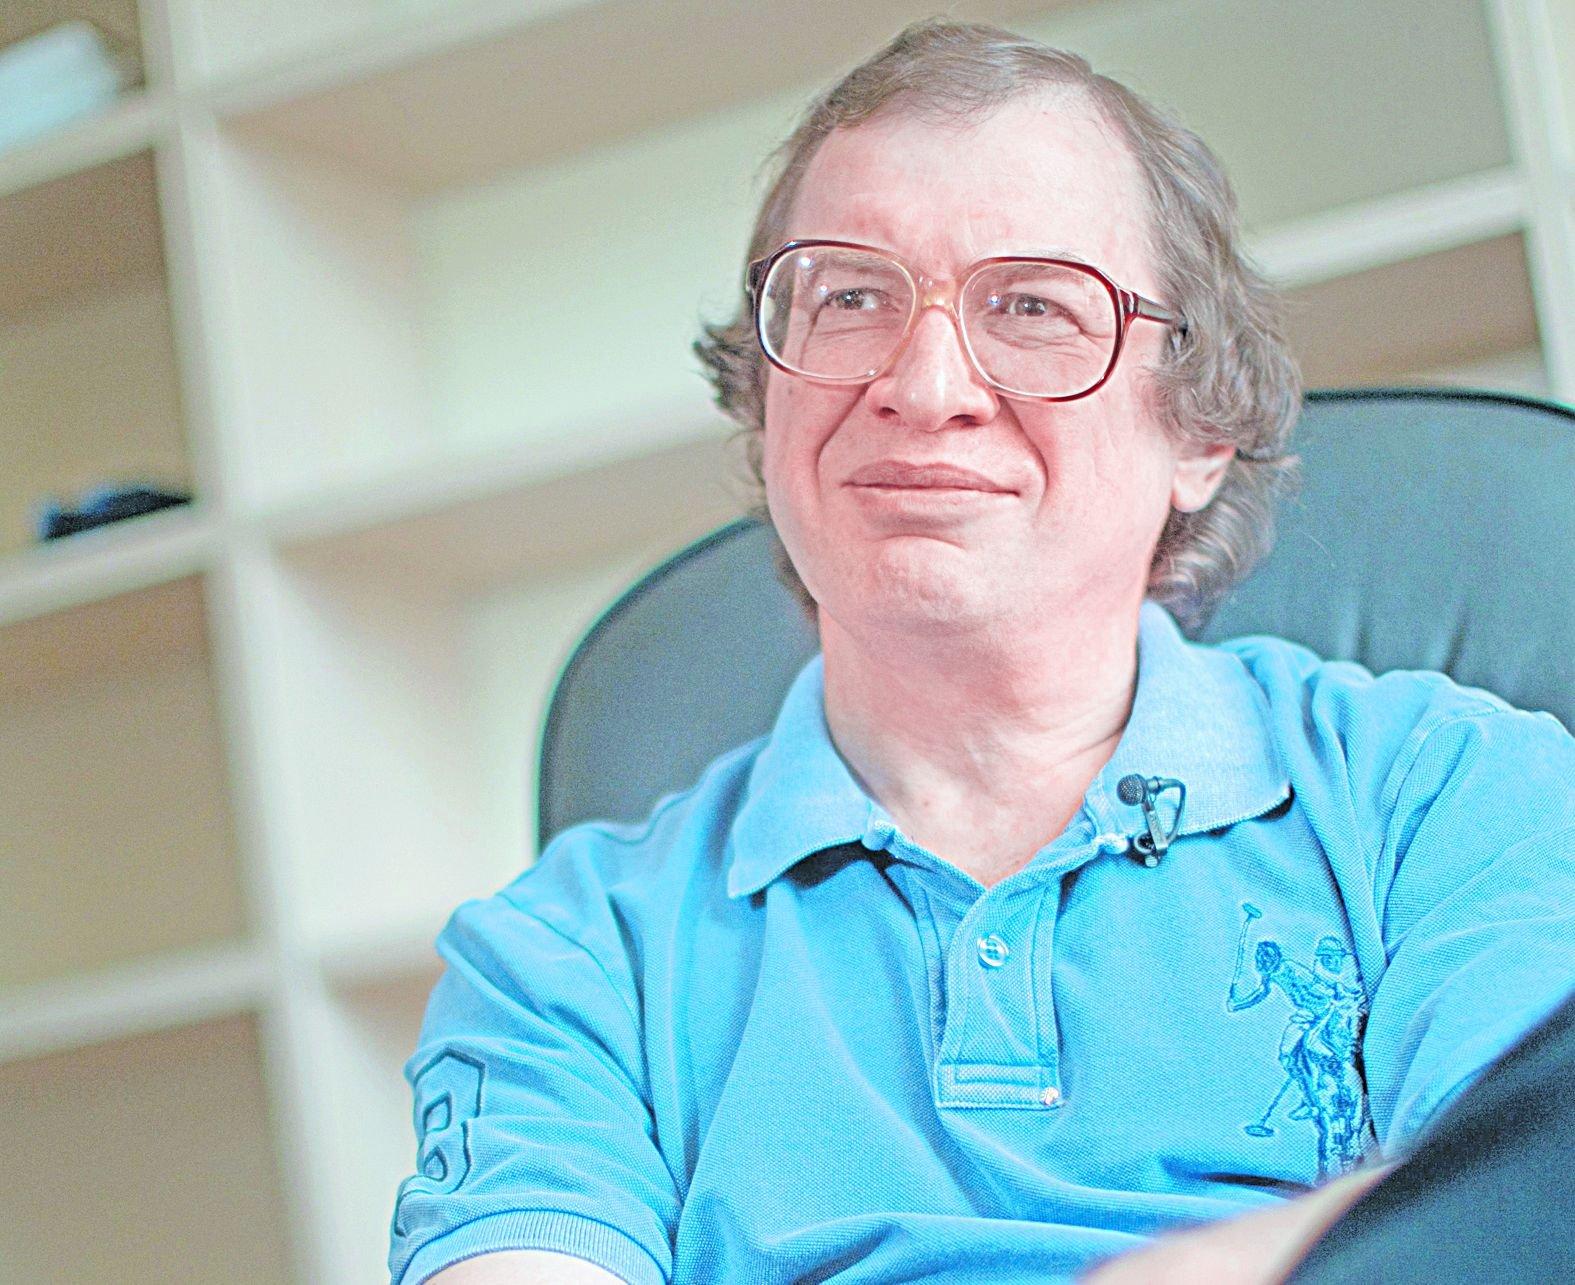 Основатель МММ Сергей Мавроди неожиданно воскрес